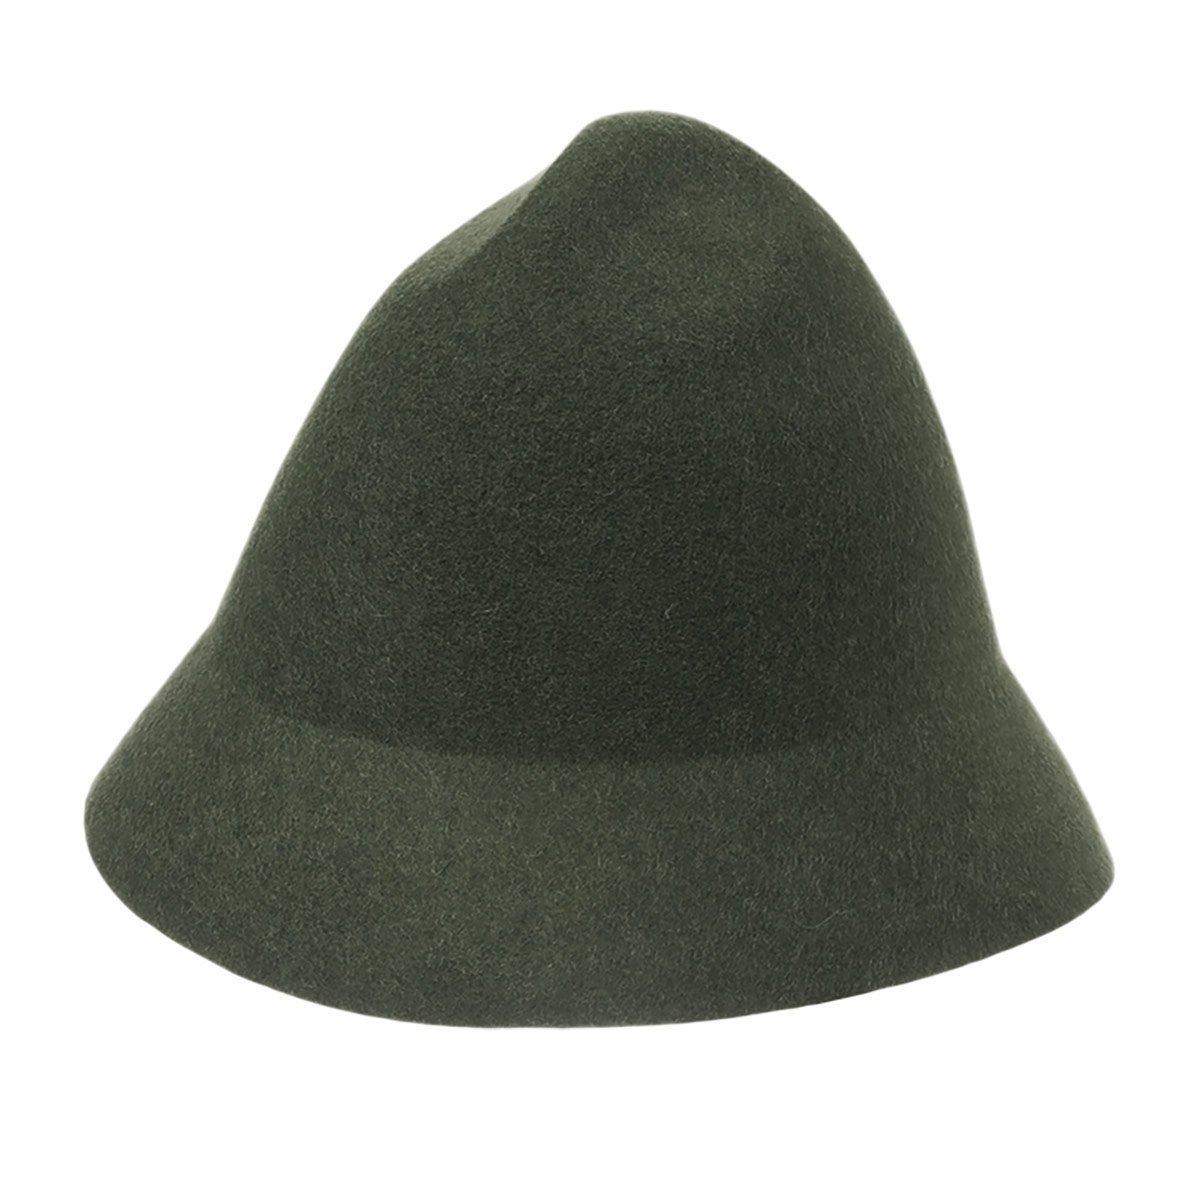 rivenditore online negozio di sconto prezzo imbattibile Cappello in feltro sul stile tirolese in ottima qualità